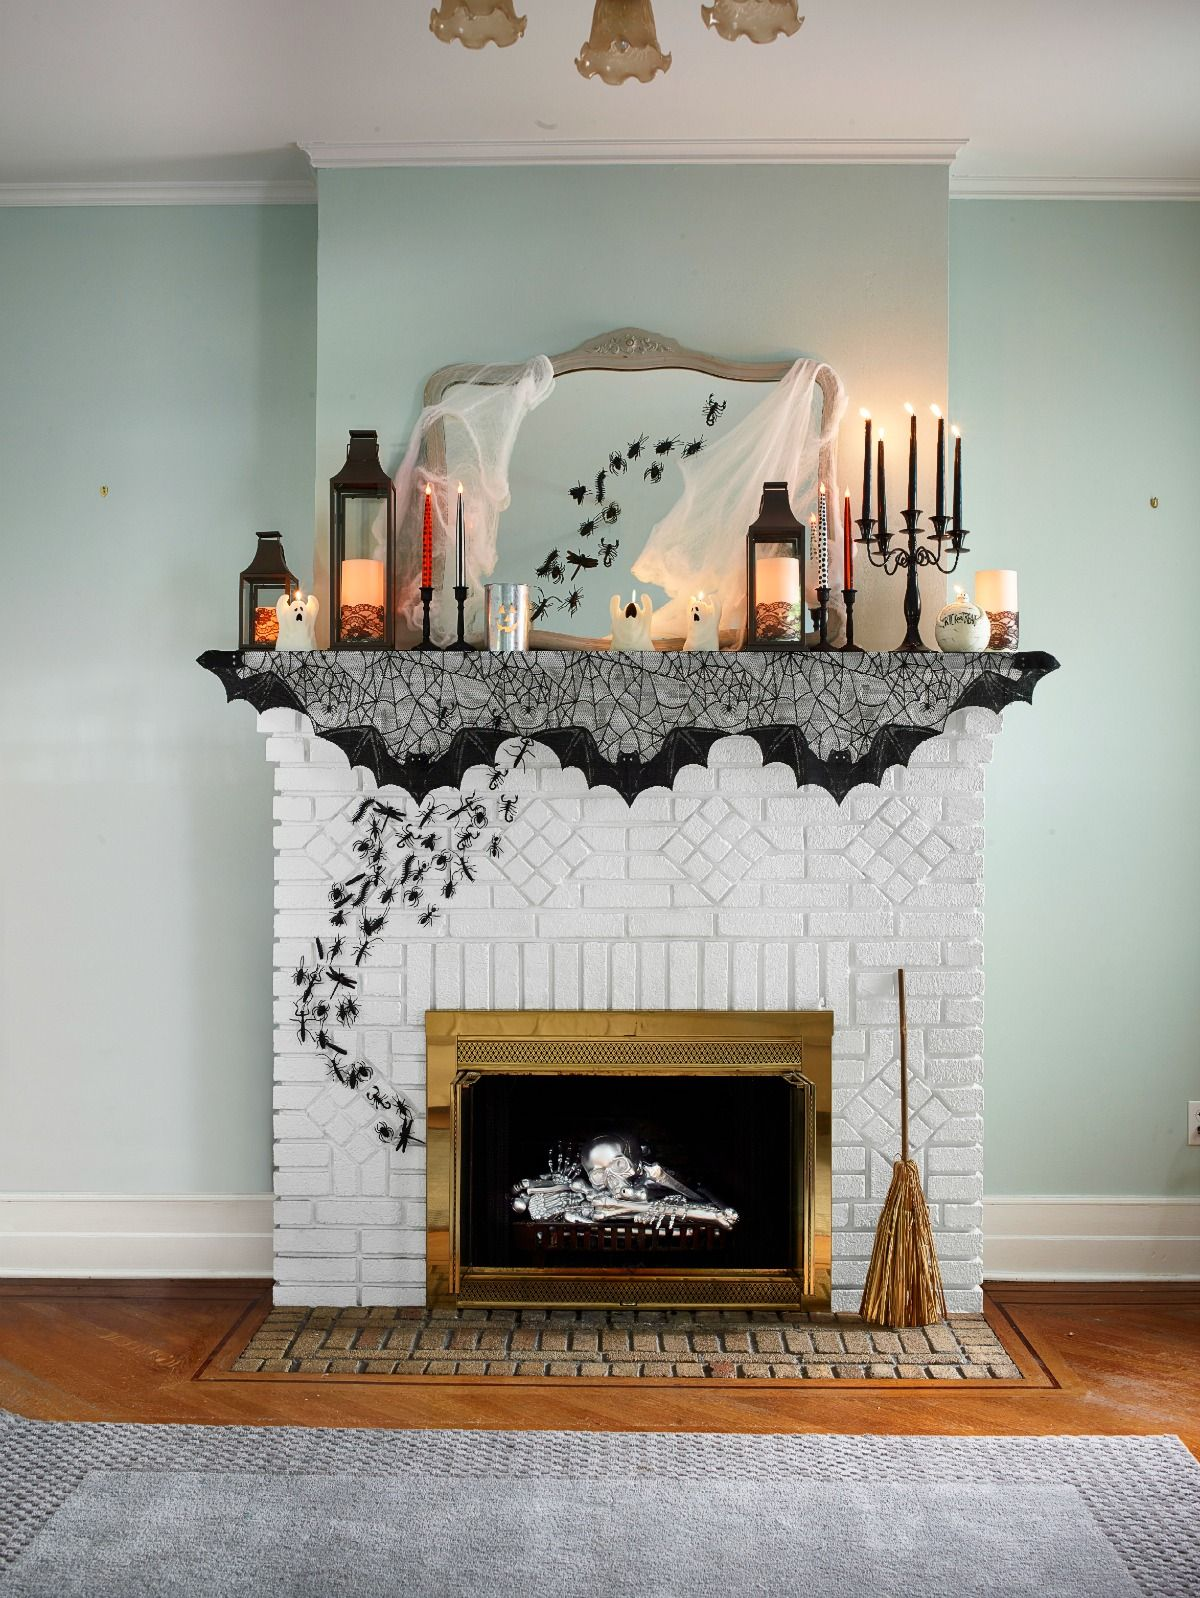 Living Room Halloween Decorations Indoor.51 Diy Halloween Decorations How To Make Halloween Decorations